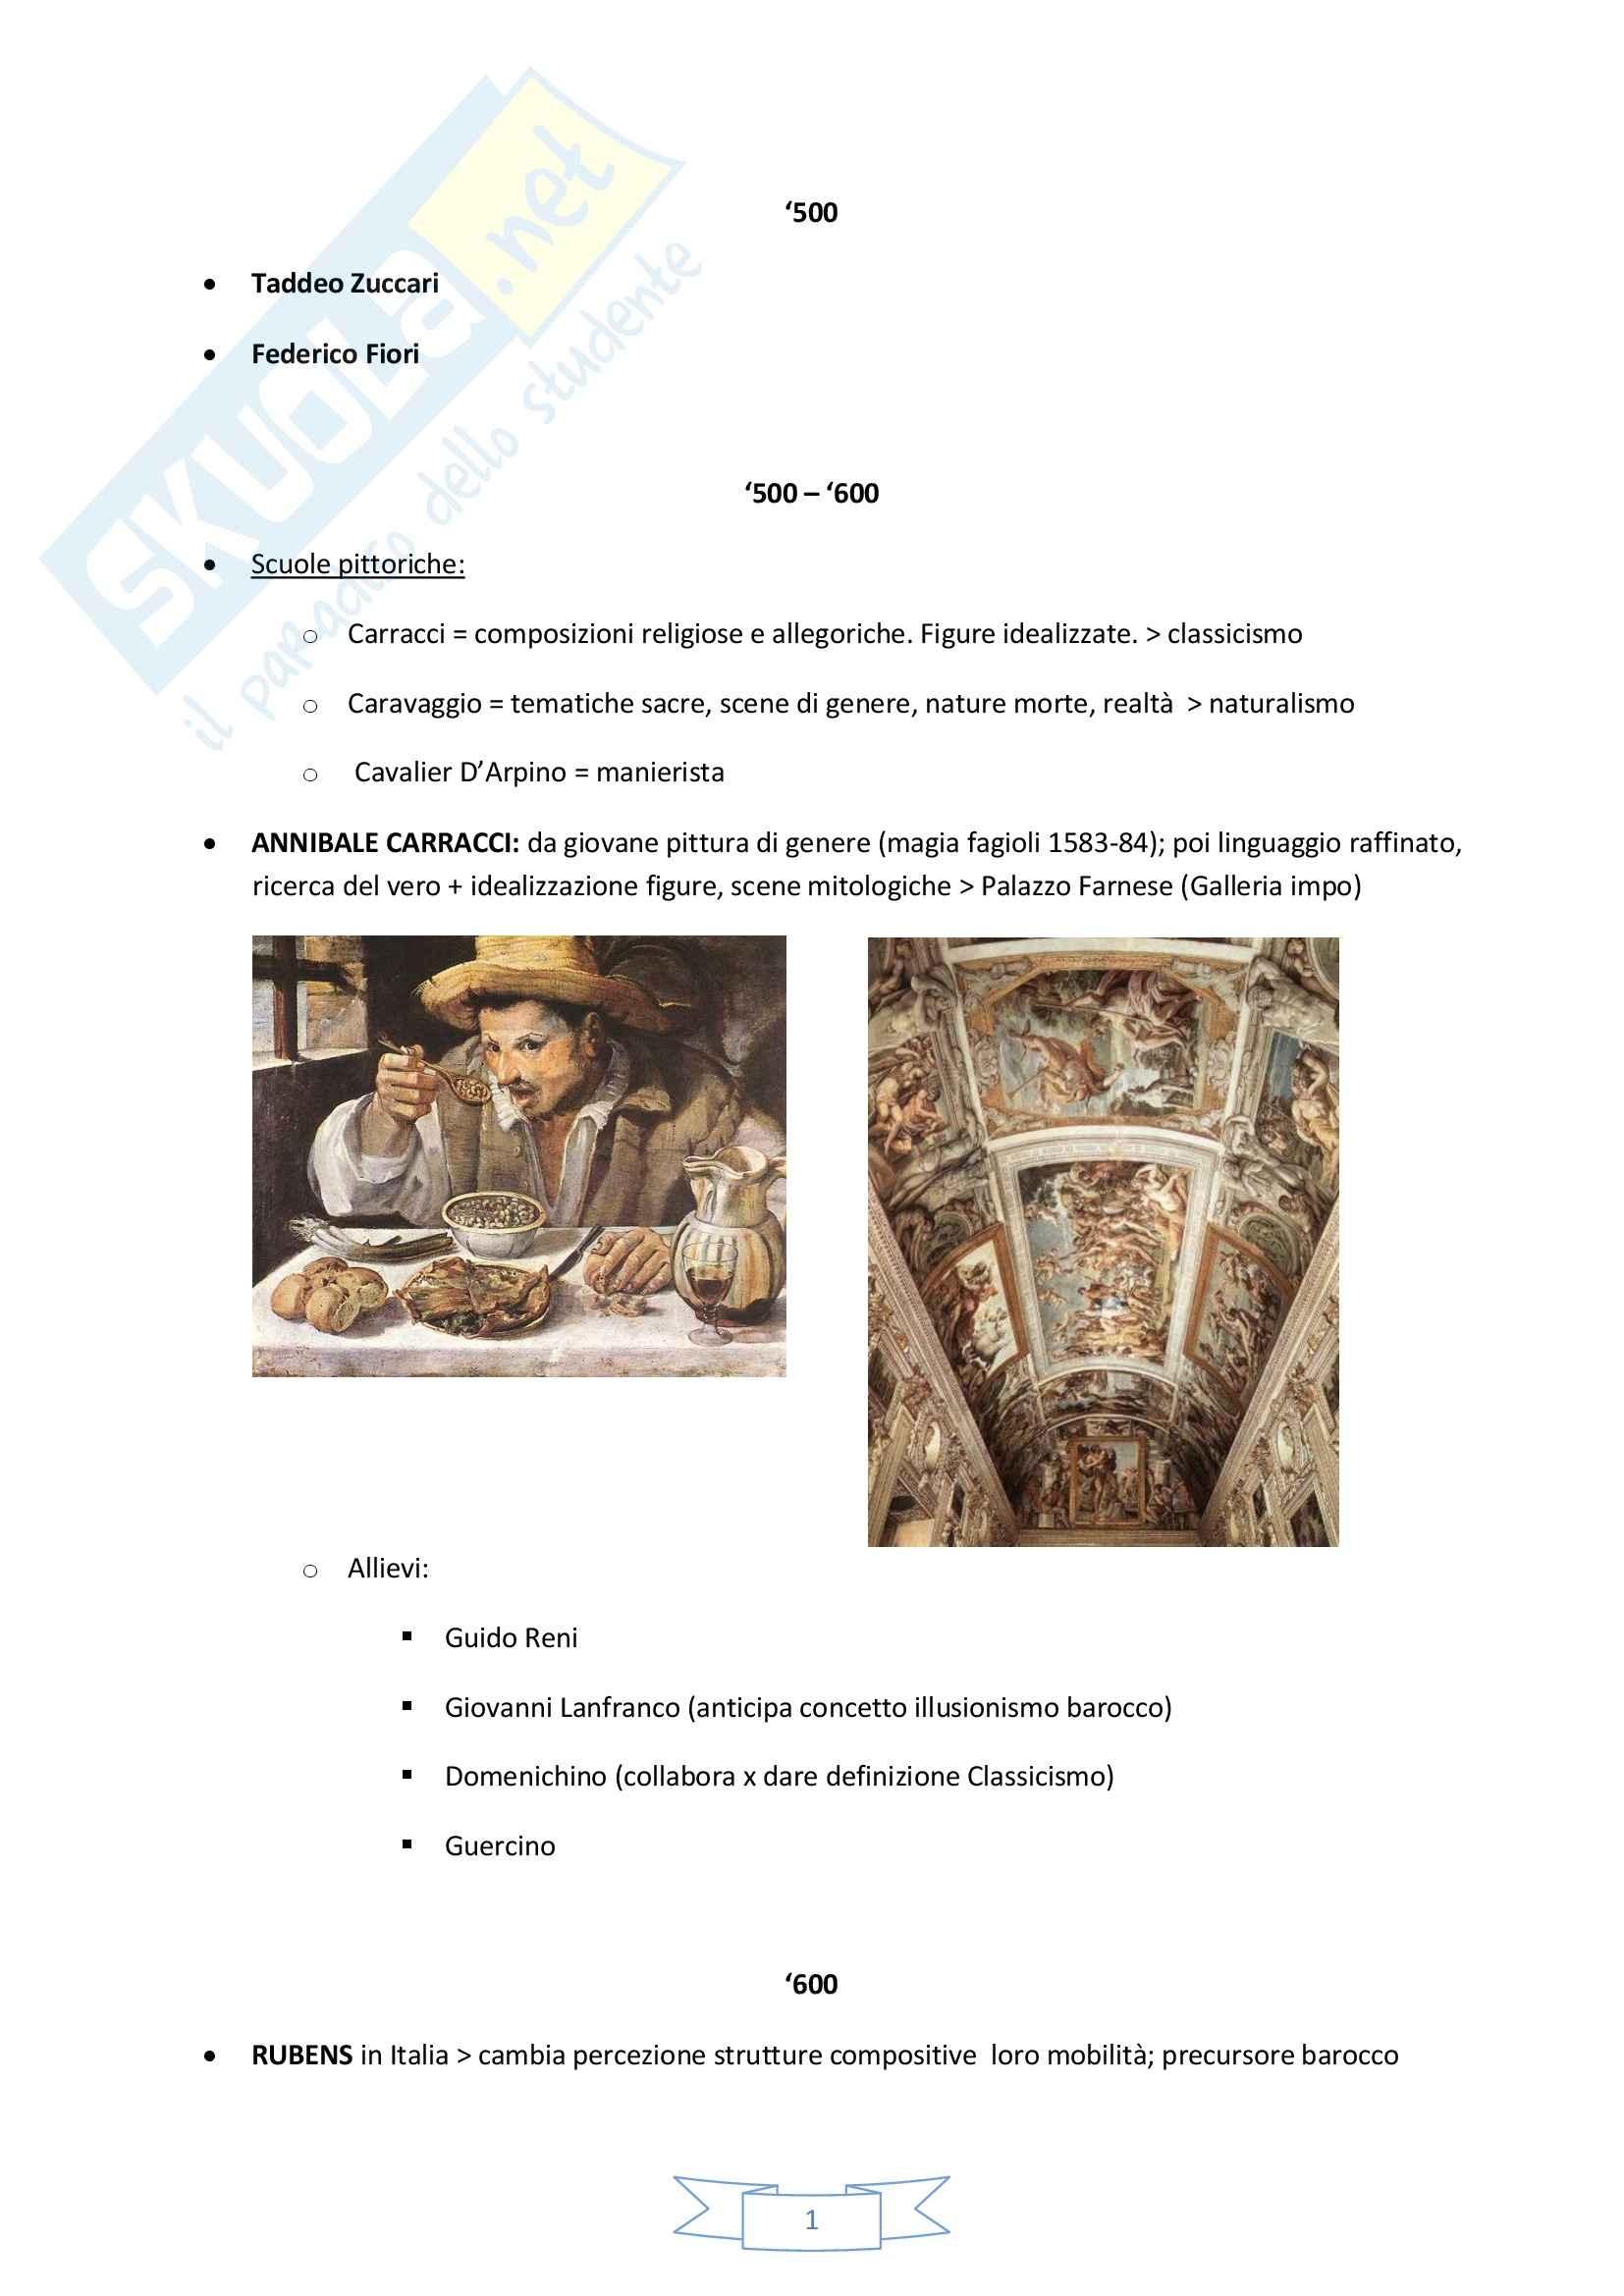 Storia dell'arte moderna I - le varie scuole pittoriche